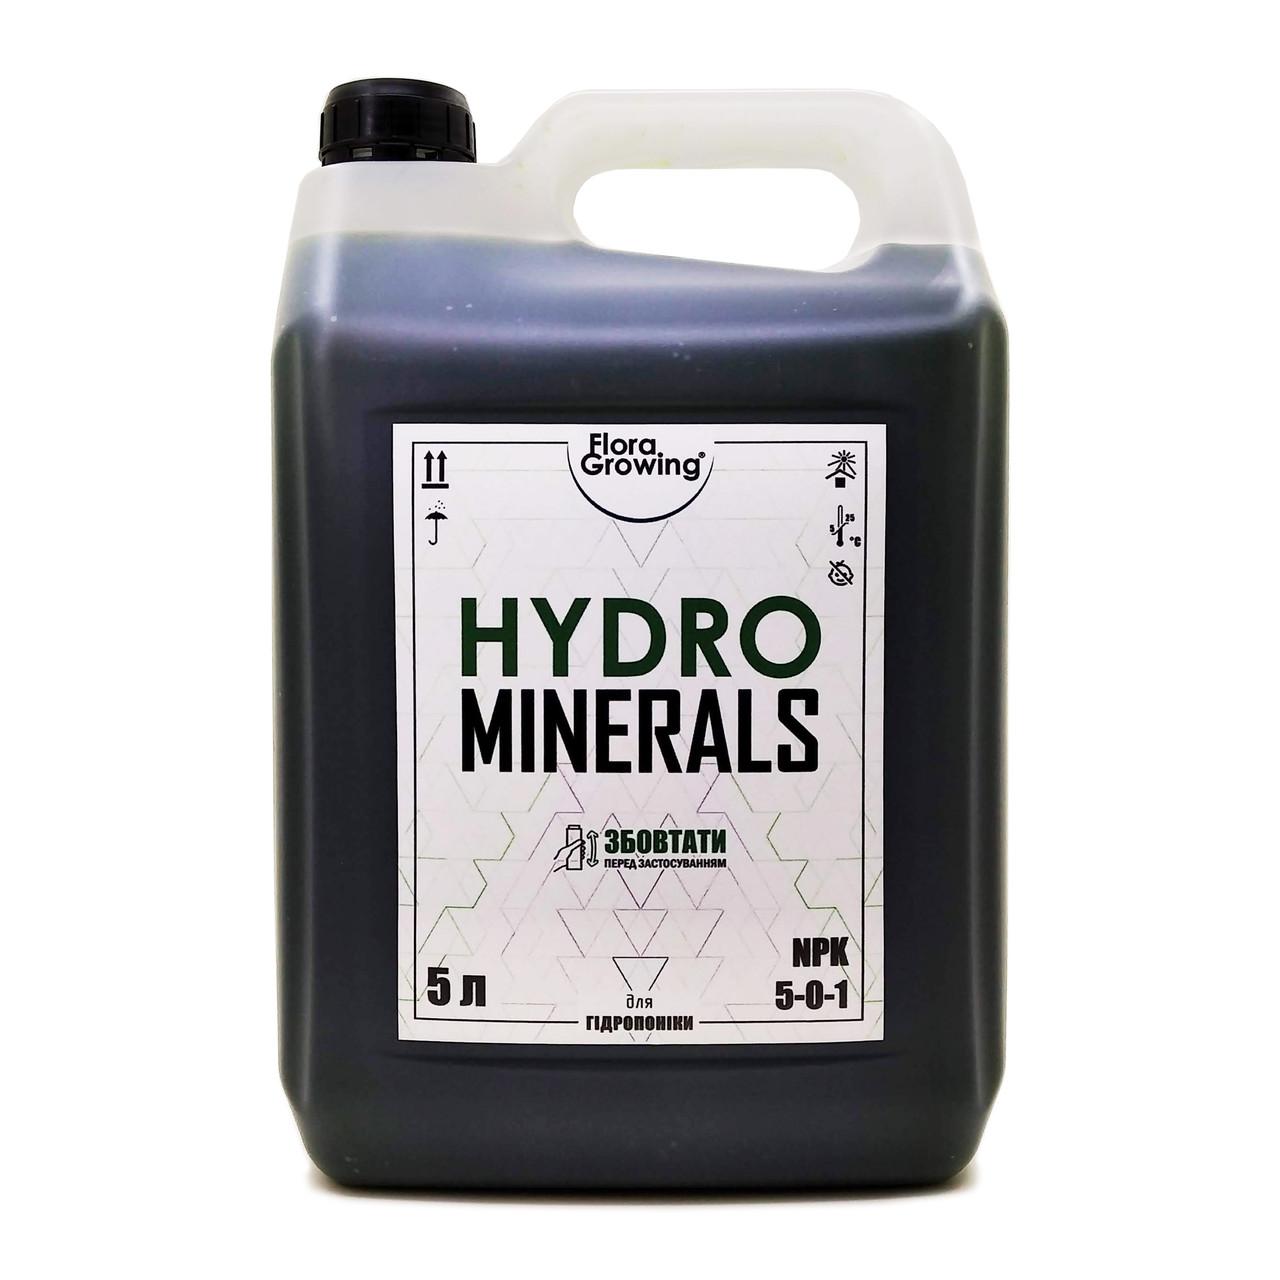 5 л HydroMinerals - добавка для минерализации поливной воды (аналог CALiMAGic от GHE)